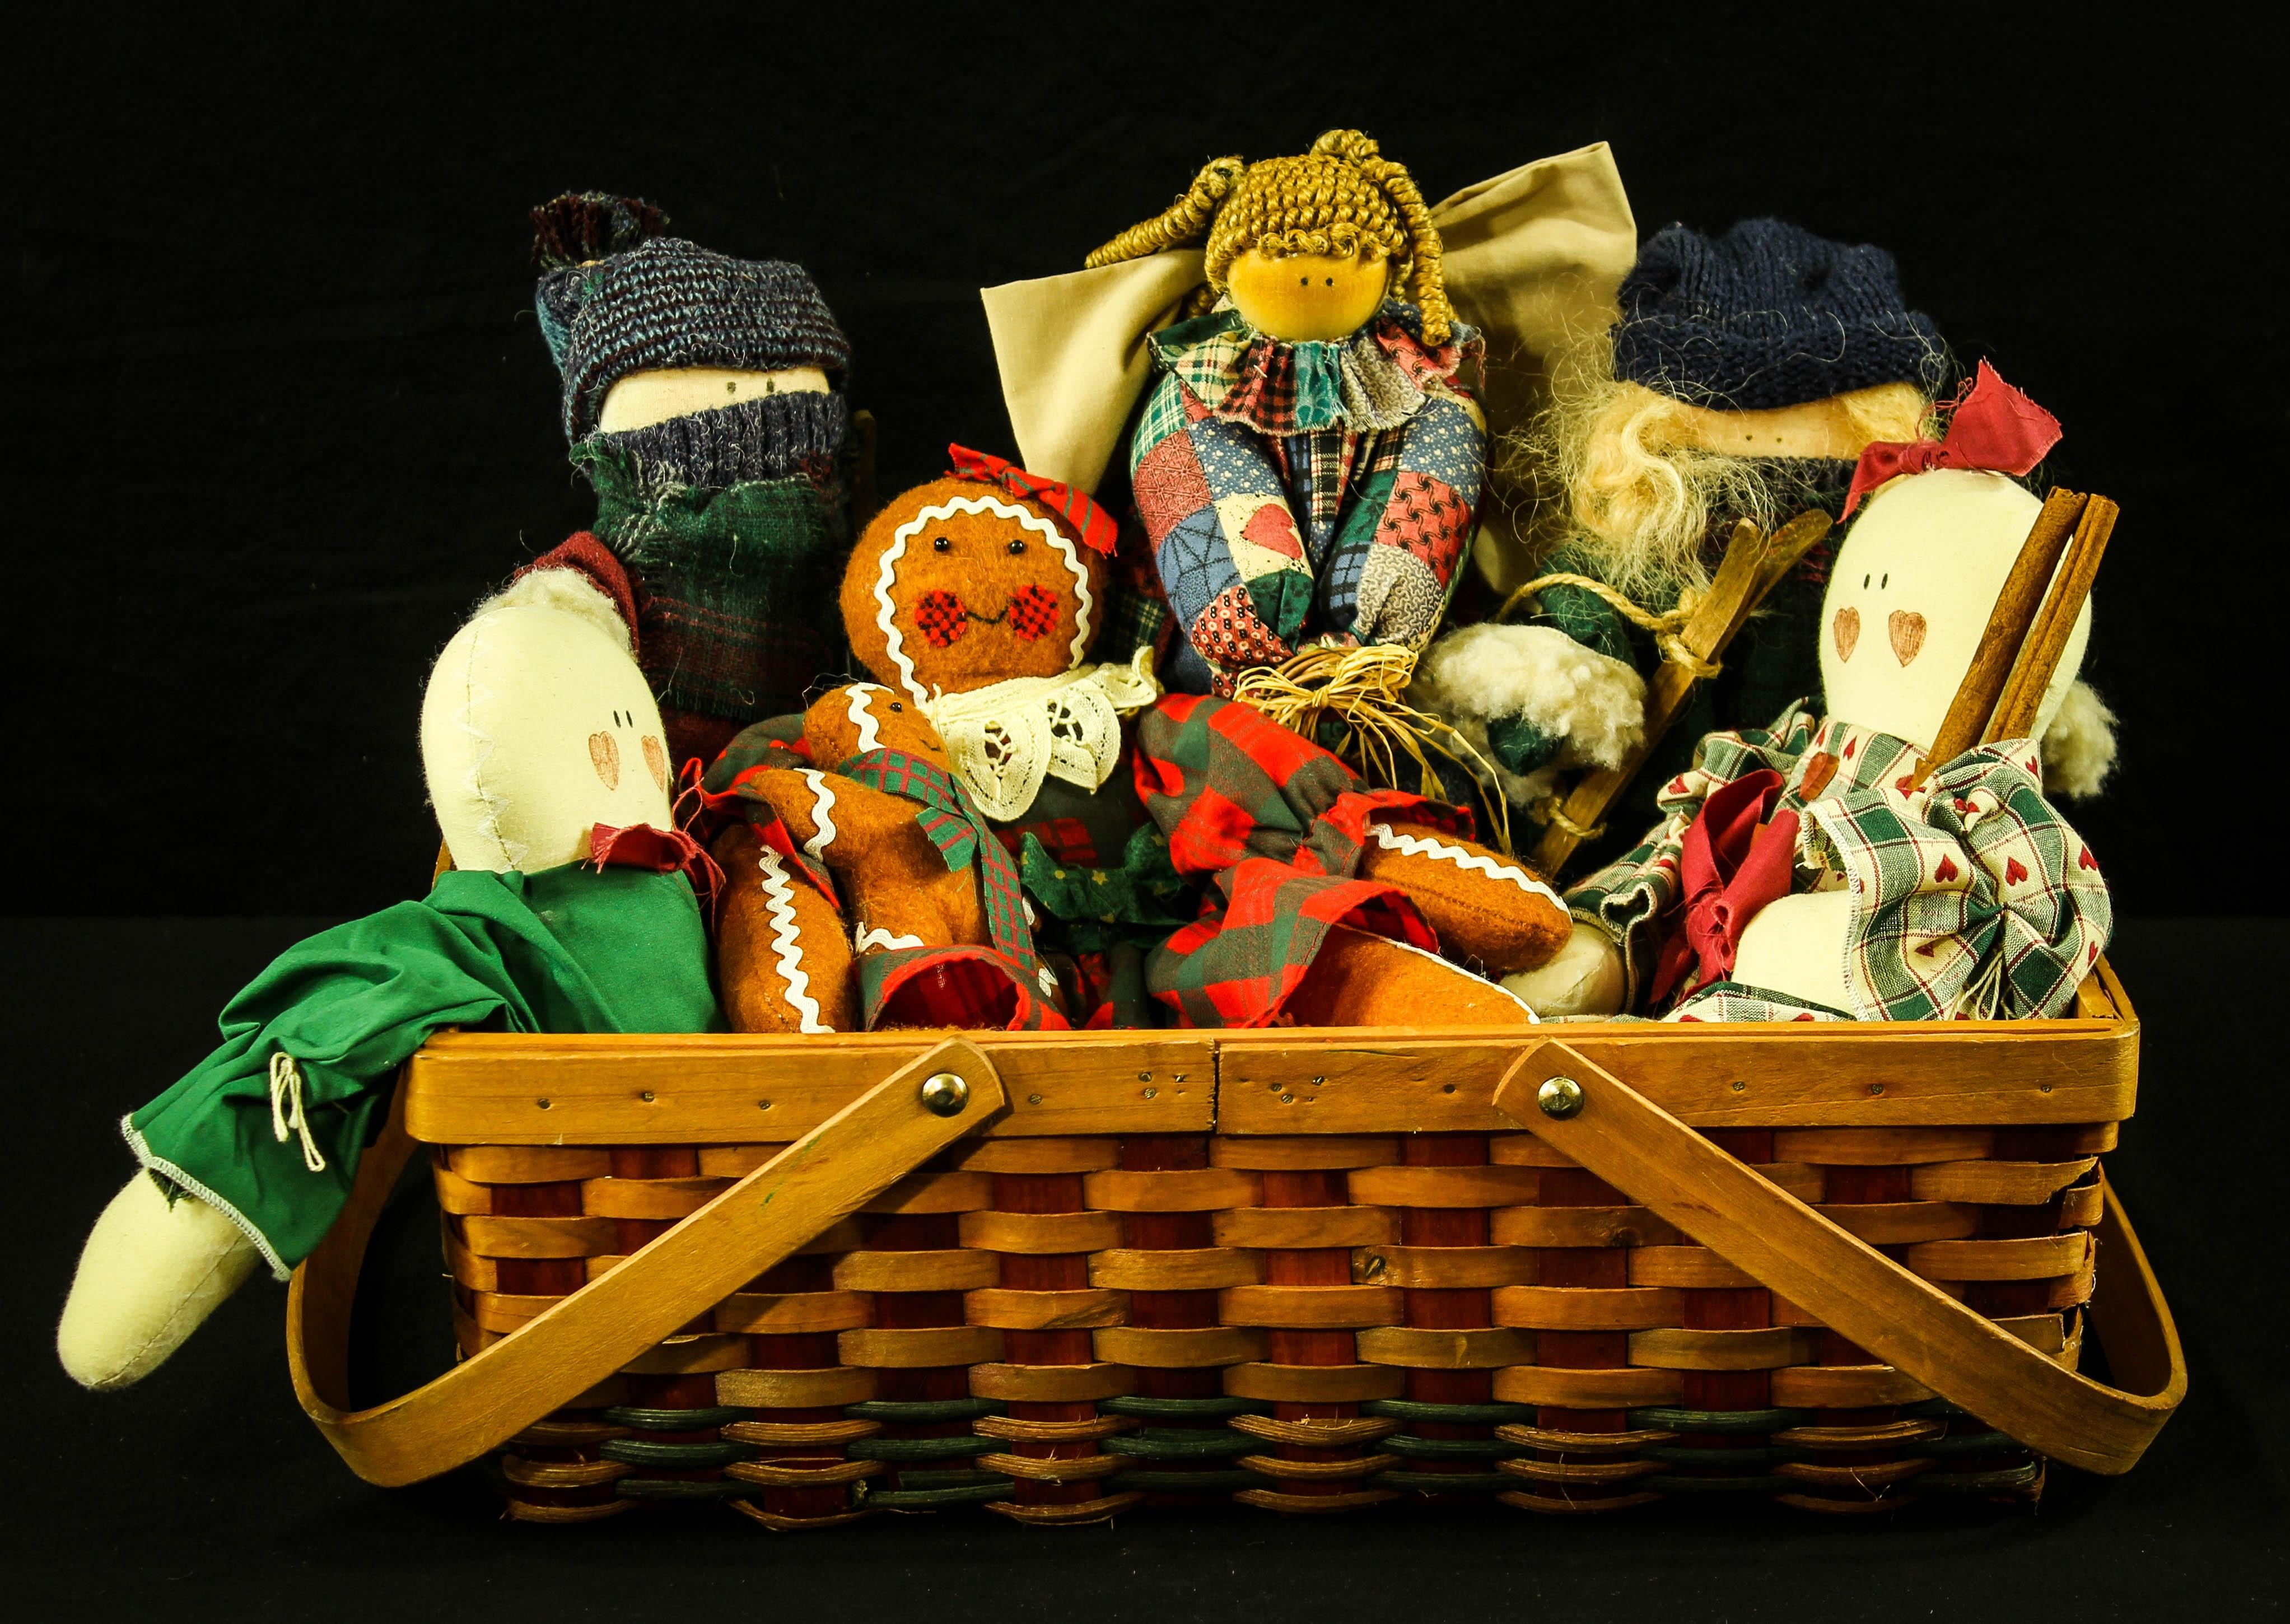 Gambar Mainan Miniatur Malaikat Arca Kue Jahe Manusia Salju